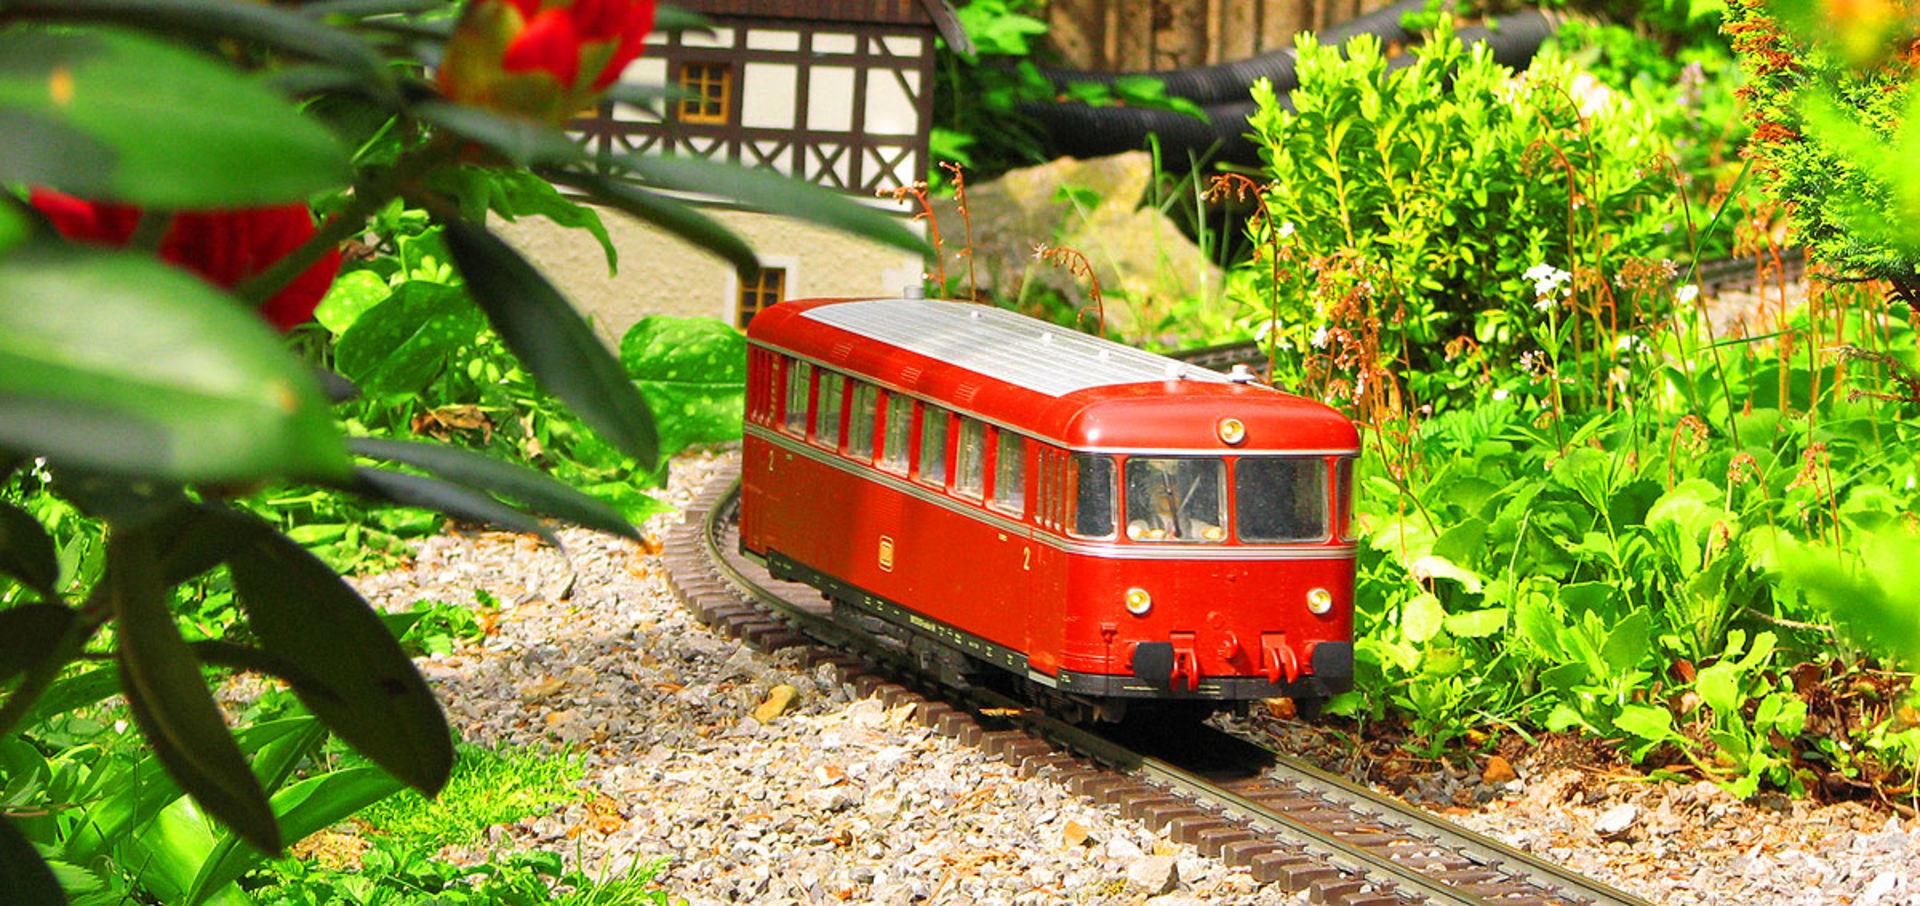 Triebwagen auf der Gartenbahn im Klein Erzgebirge.  © Pressebild Klein-Erzgebirge Oederan e.V.